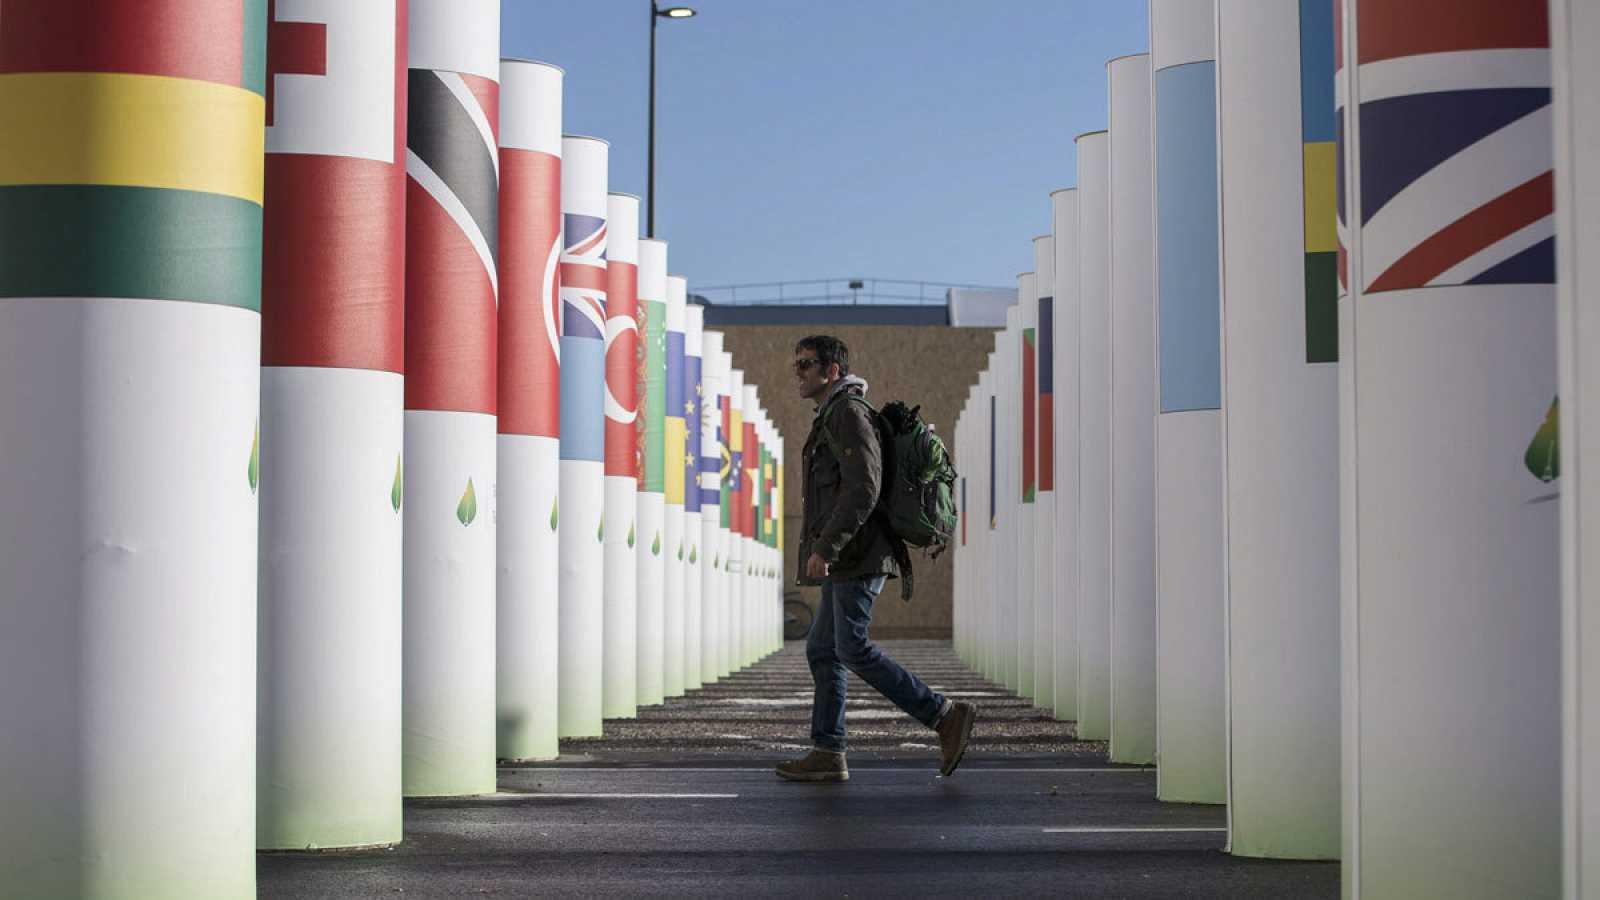 Un hombre camina entre unas columnas con las banderas de los países participantes en la COP21 de París